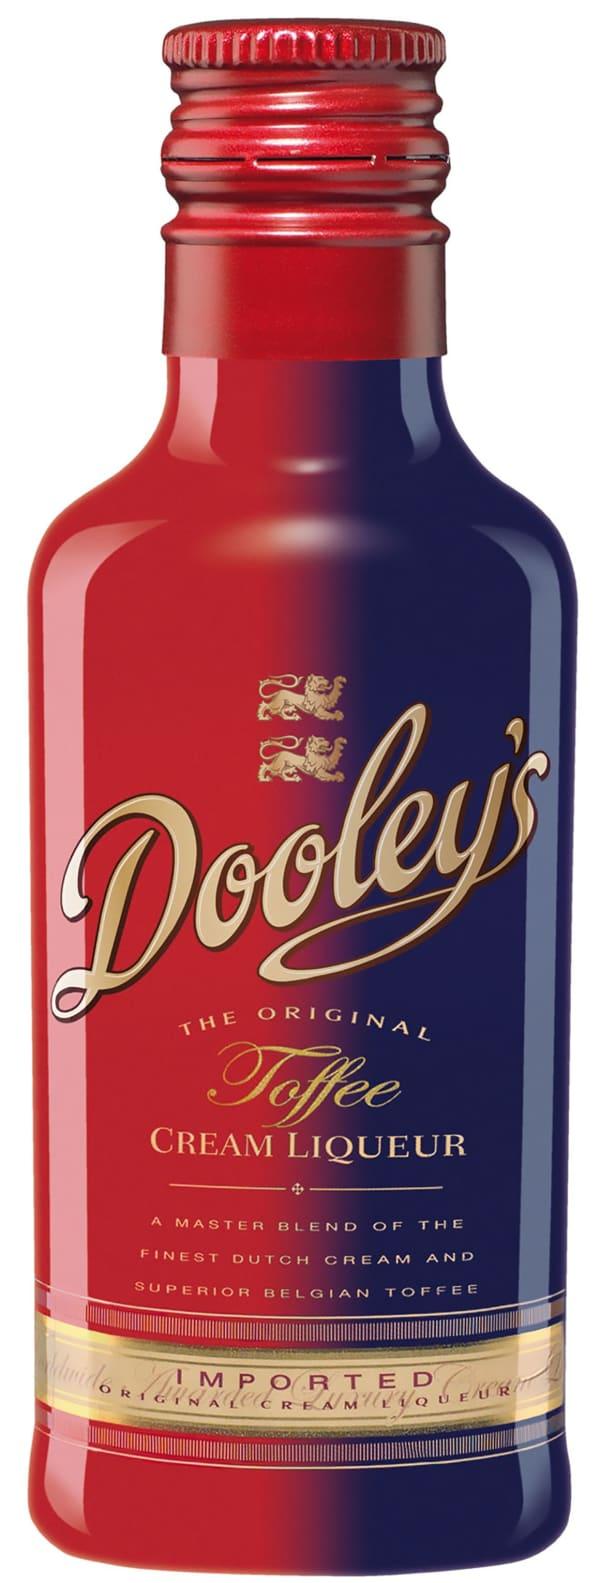 Dooley's Original Toffee plastic bottle